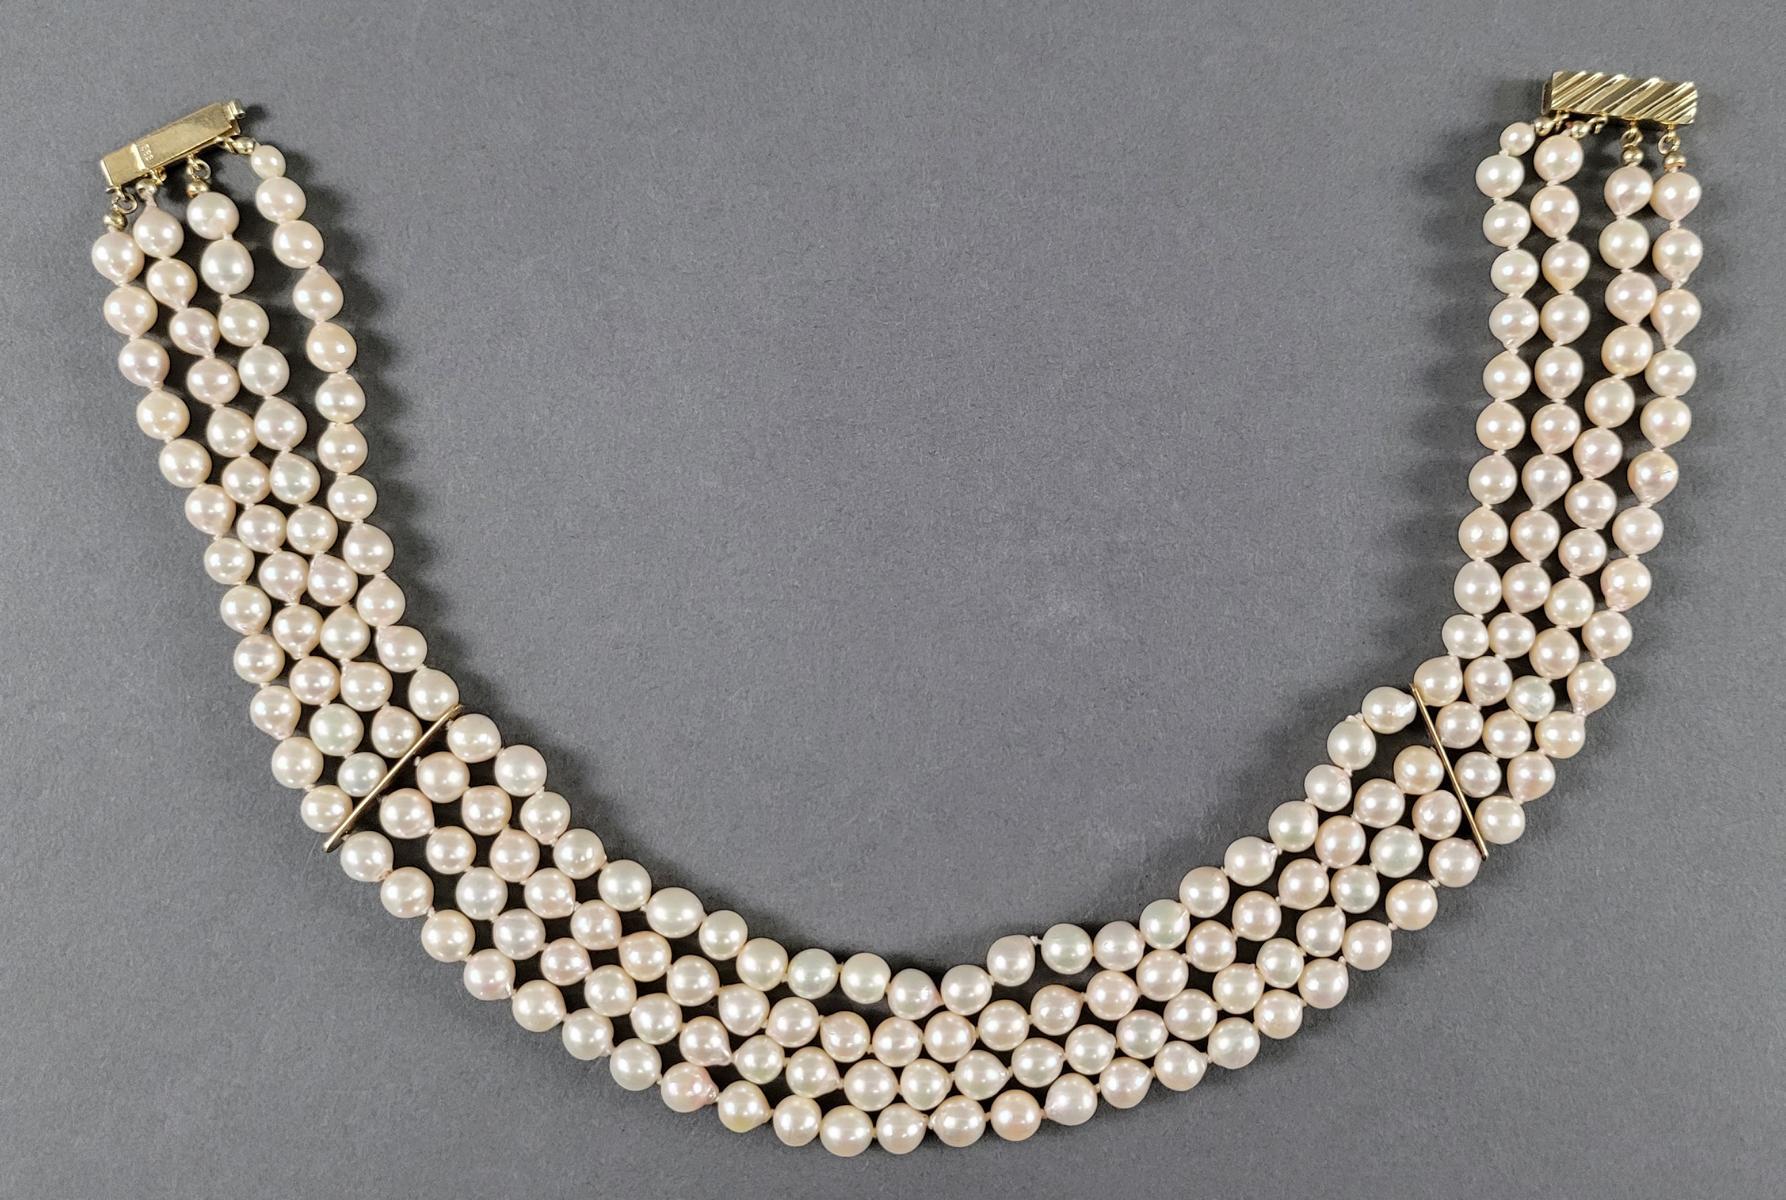 Perlencollier mit 14 Karat Gelbgoldschließe-3